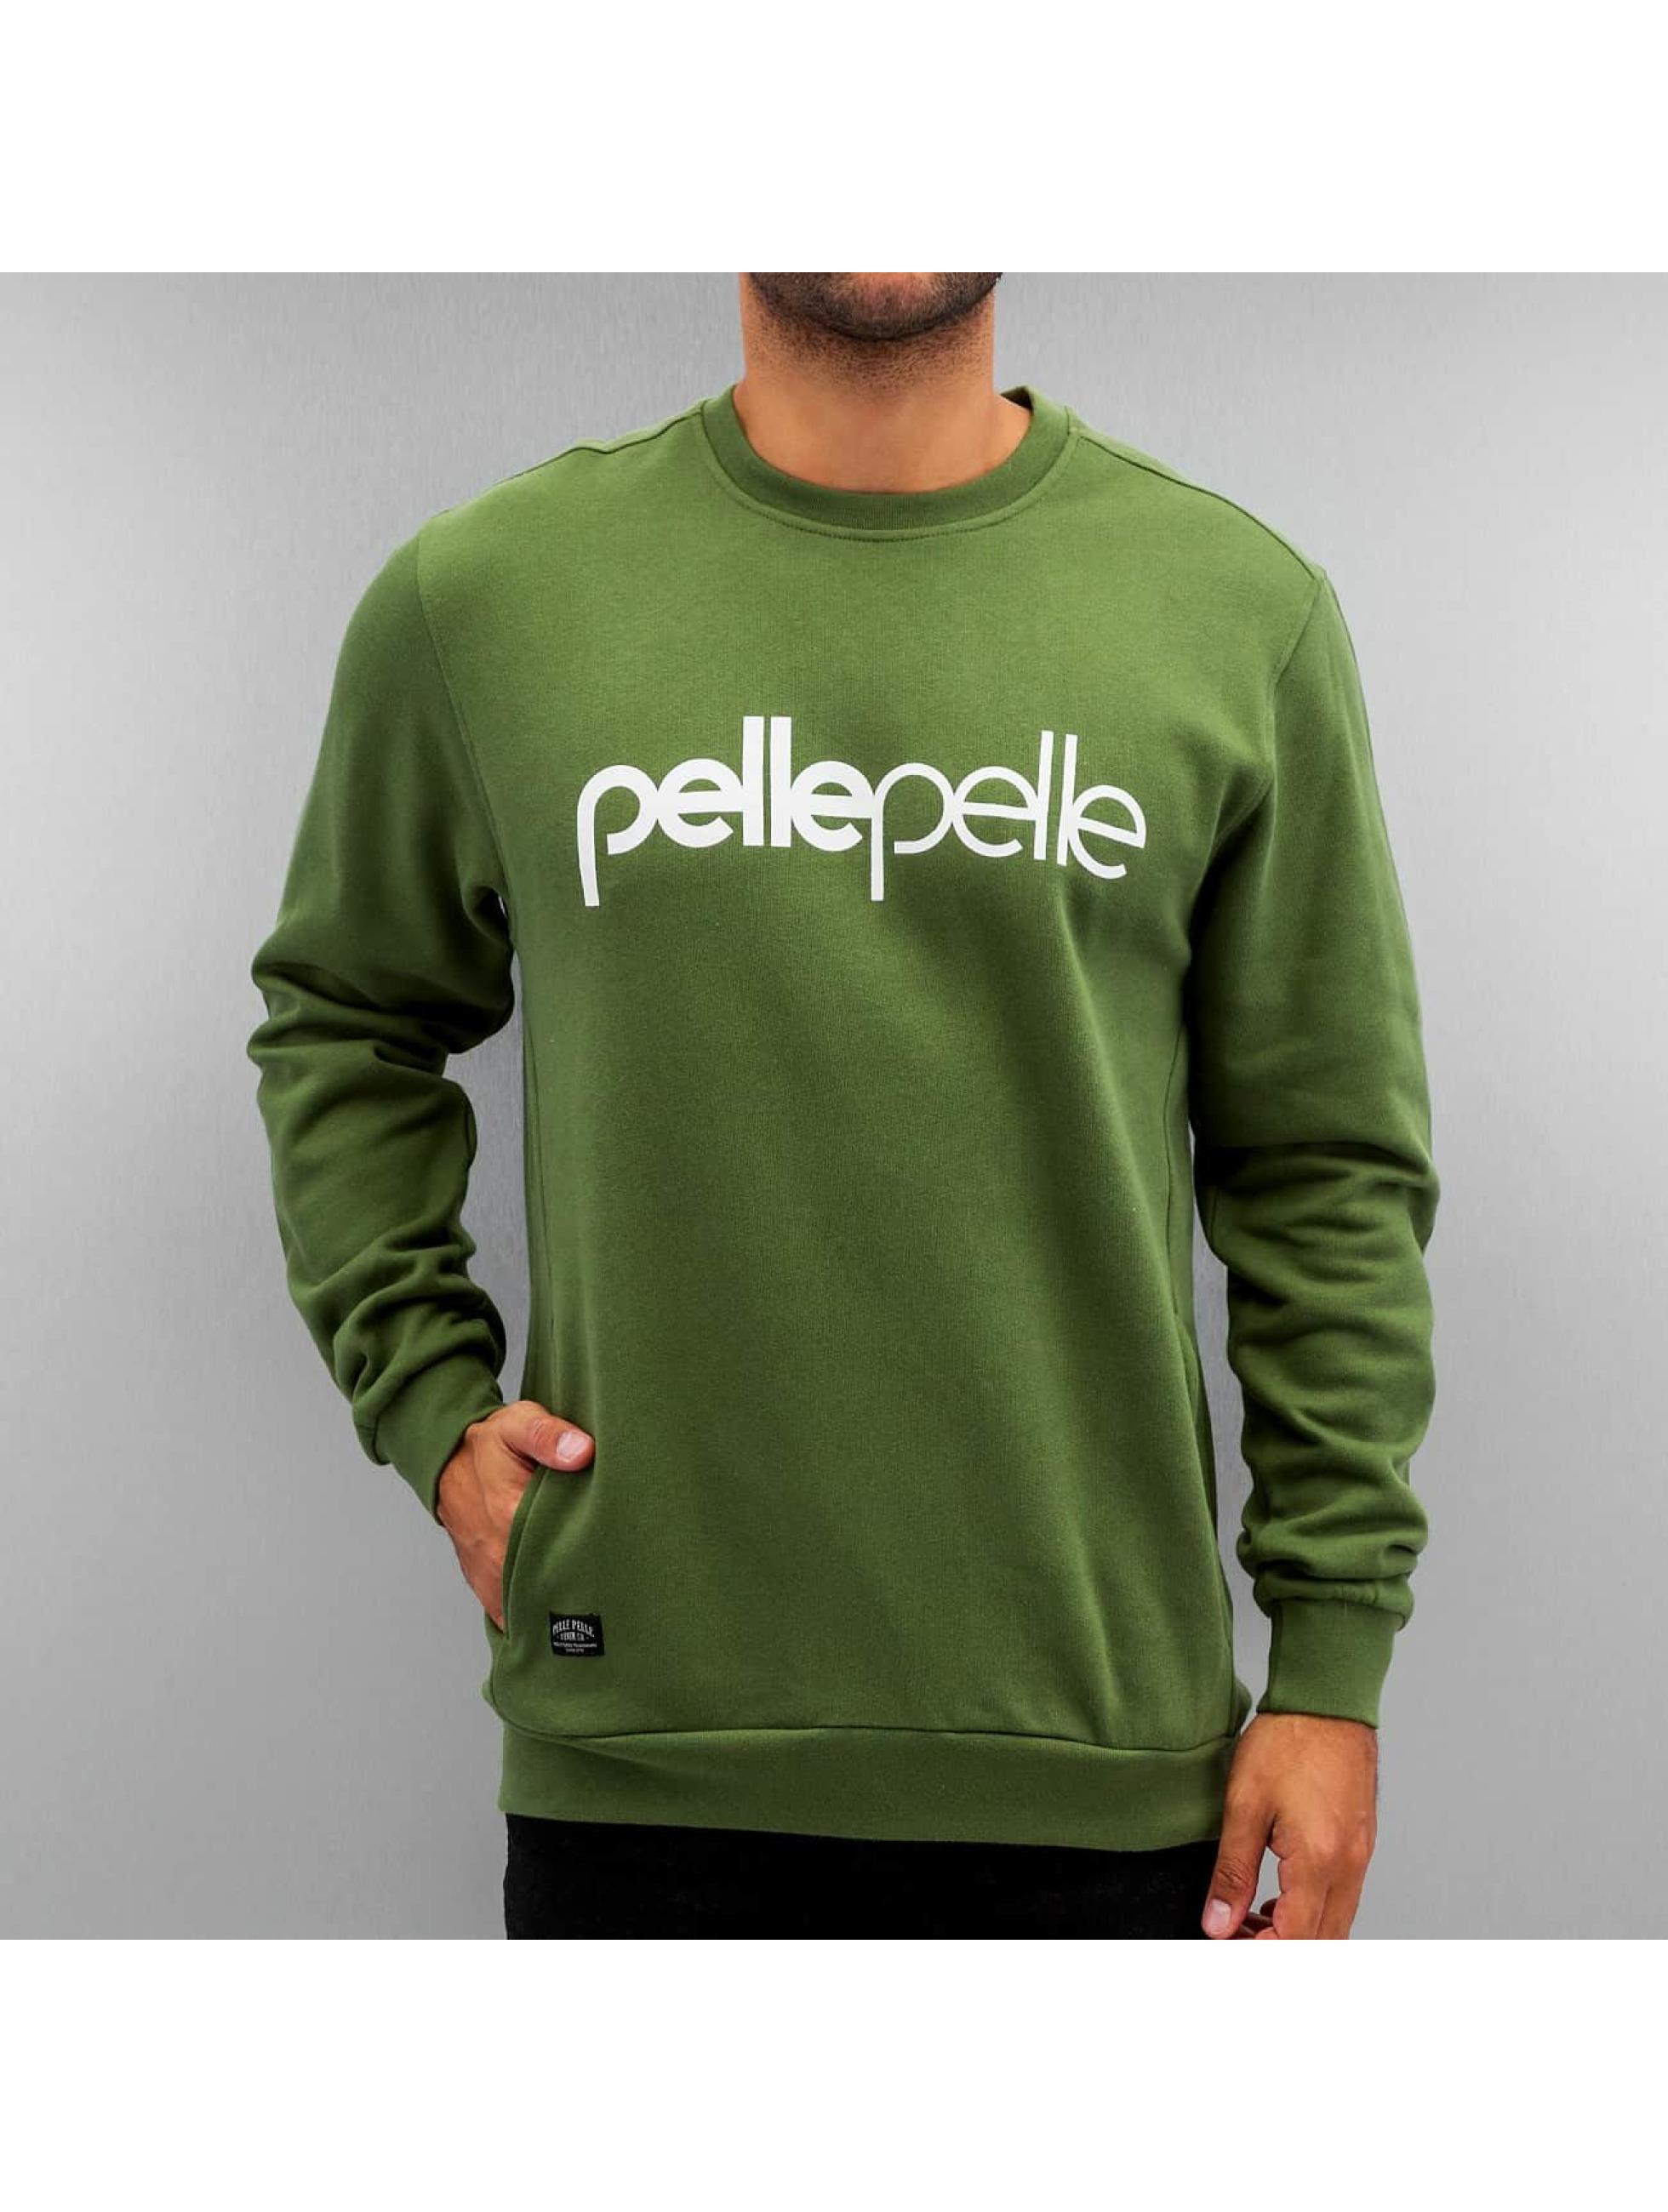 Pelle Pelle Jumper Back 2 The Basics green